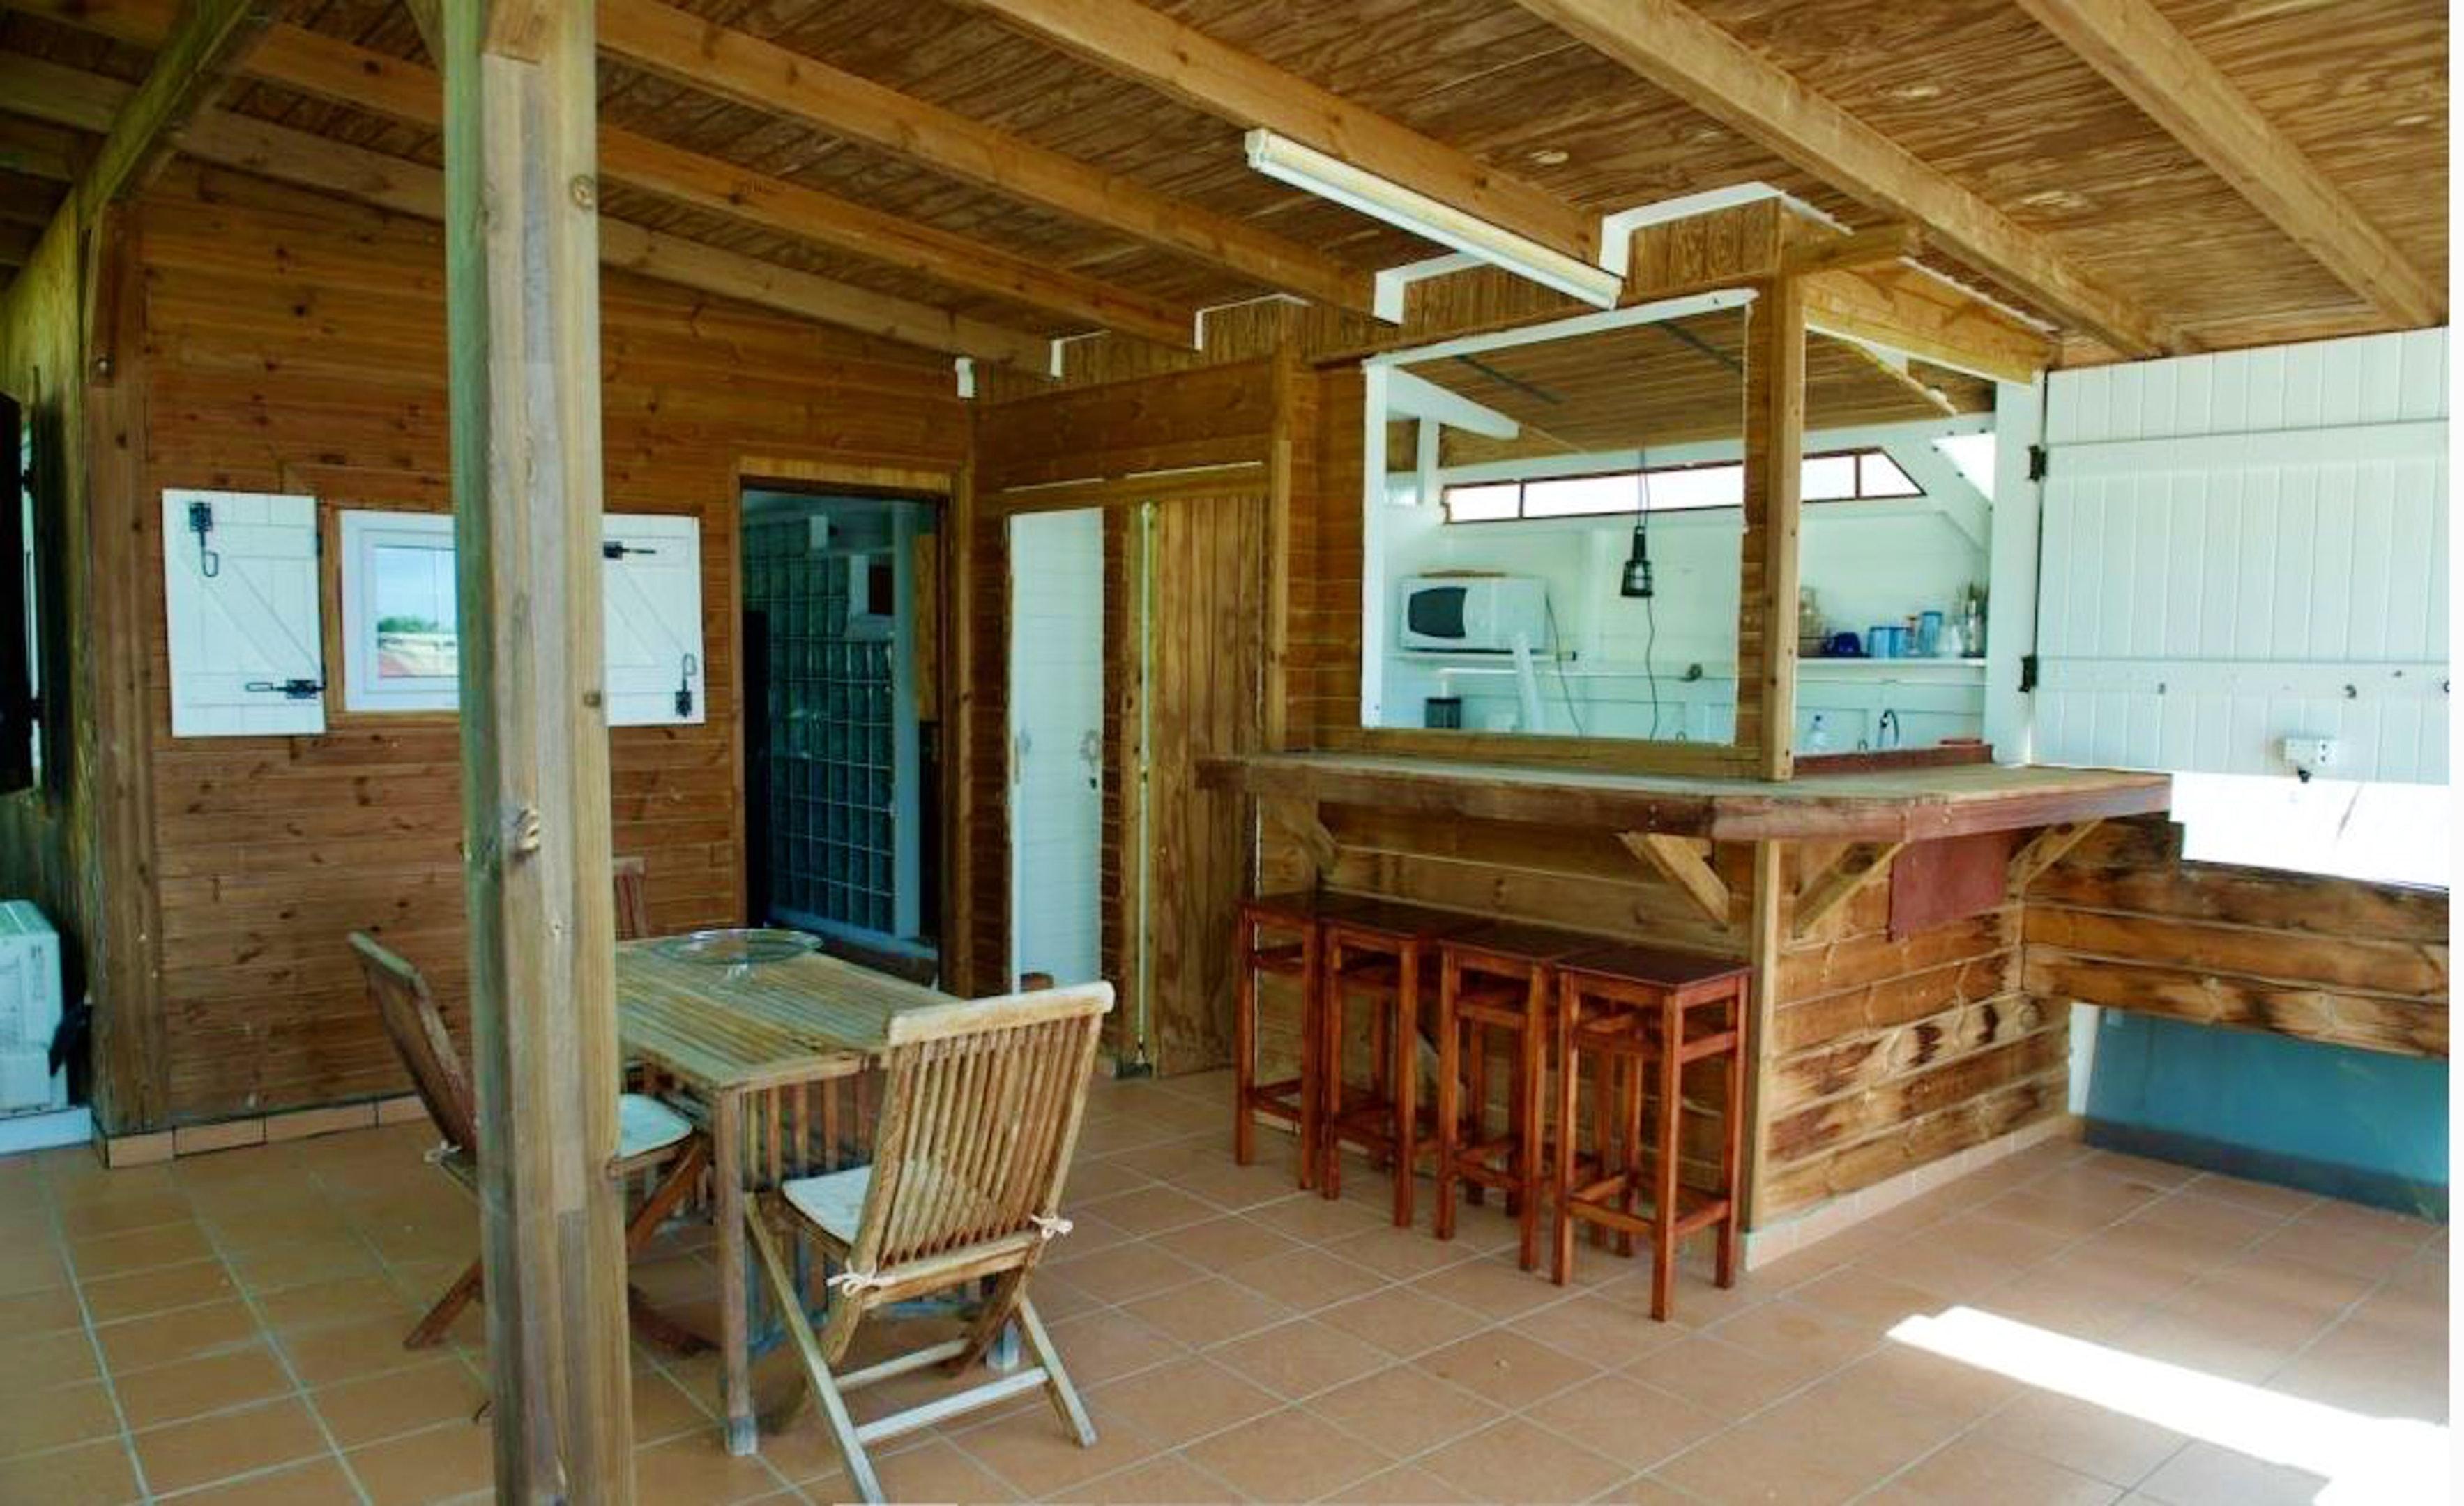 Studio in Sainte-Anne mit Terrasse und W-LAN Ferienwohnung in Guadeloupe